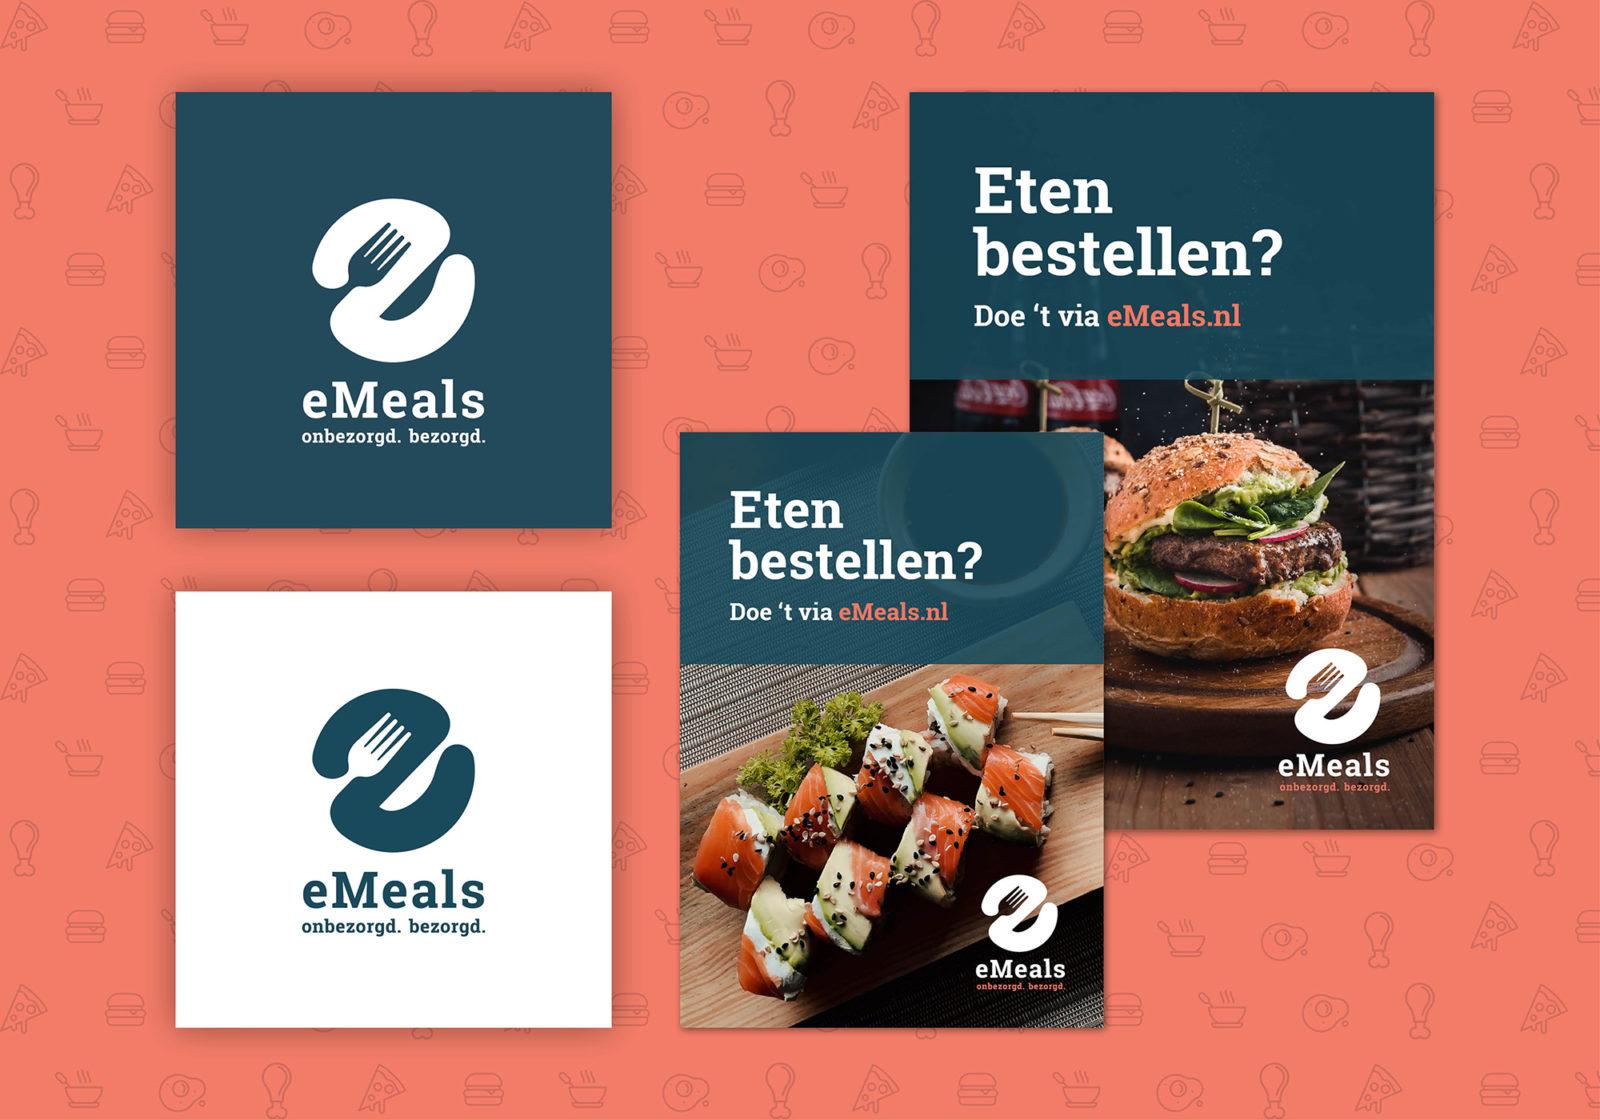 Logo ontwerp huisstijl eMeals